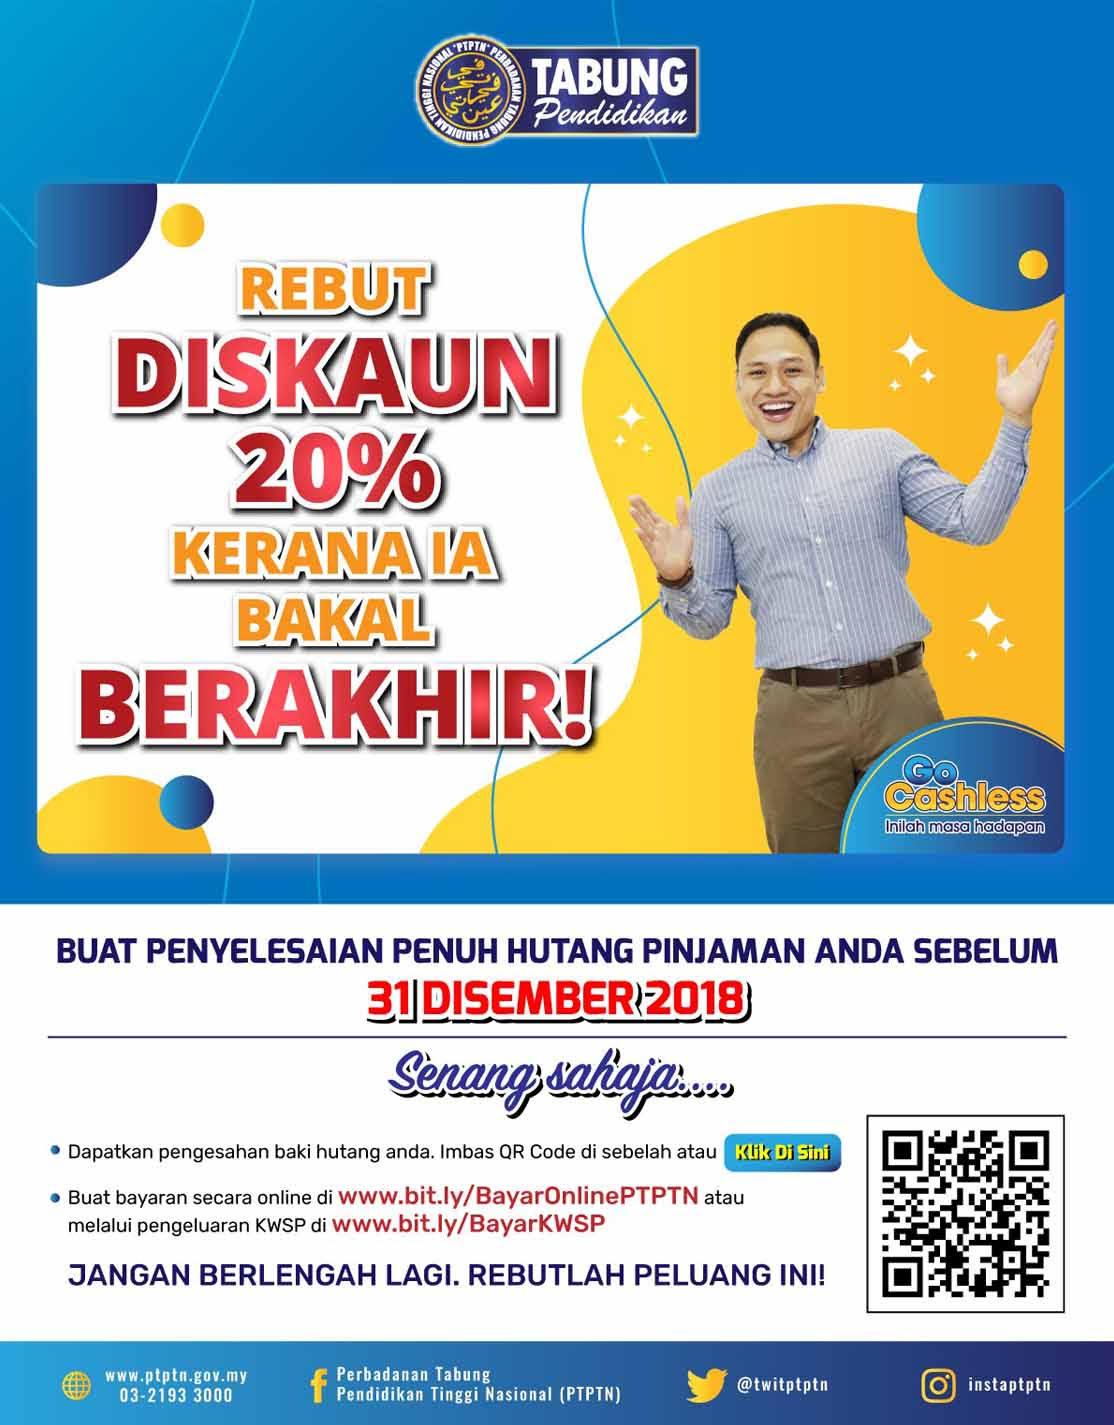 REBUT DISKAUN 20% PTPTN!!!